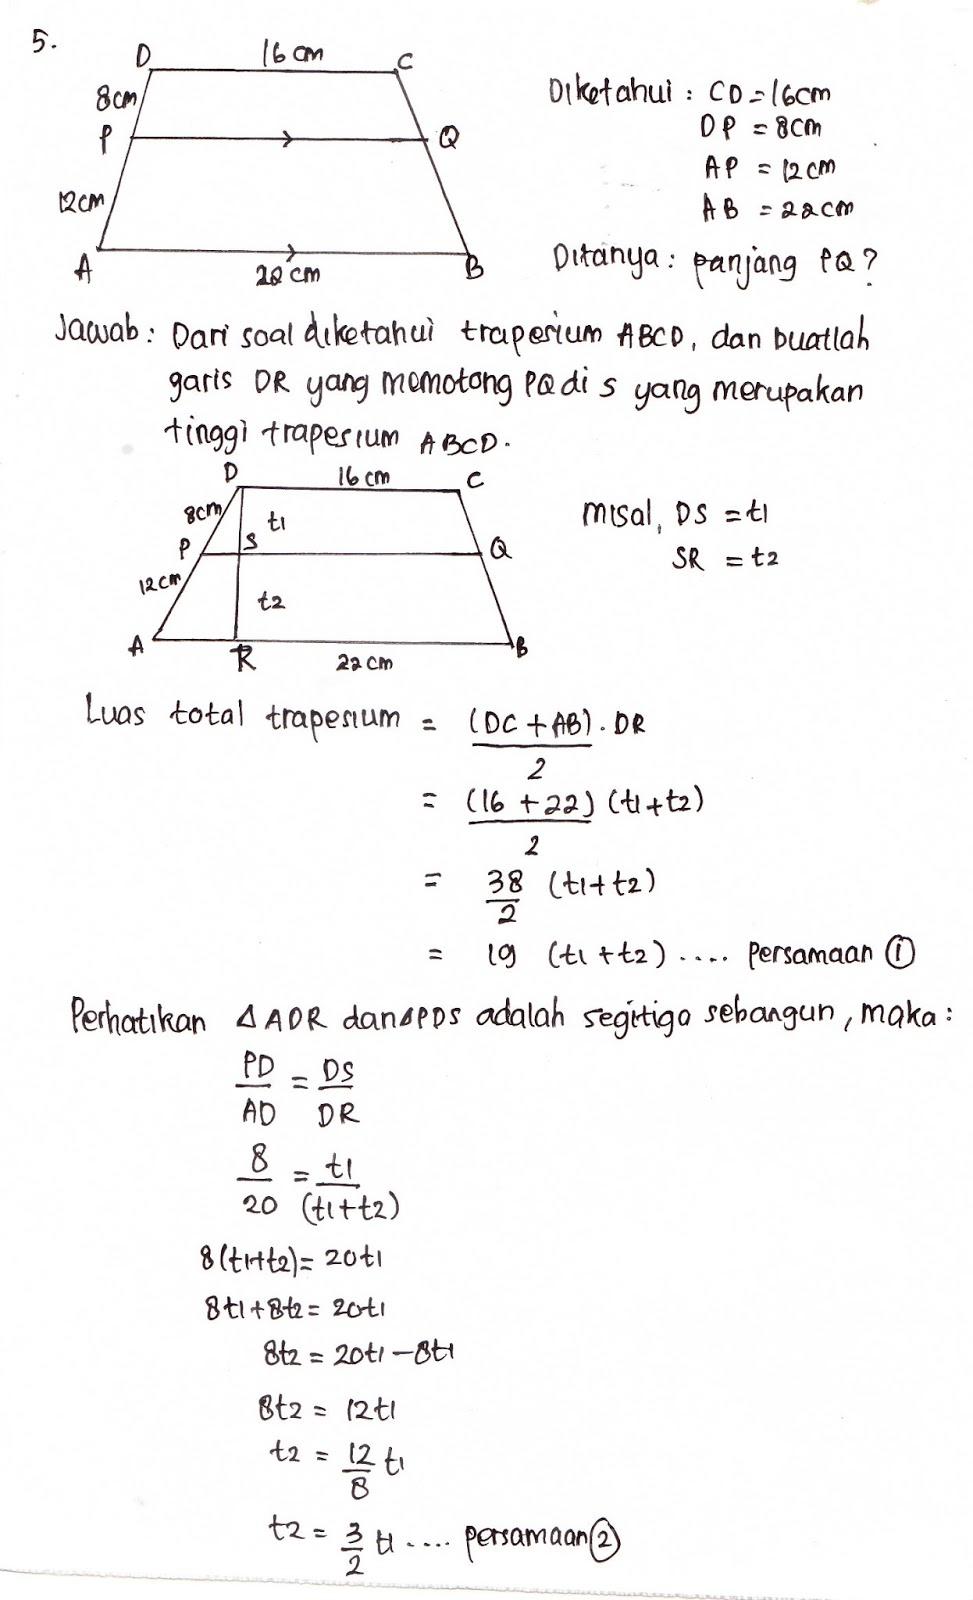 Rumus Kesebangunan Trapesium : rumus, kesebangunan, trapesium, Rumus, Perbandingan, Trapesium